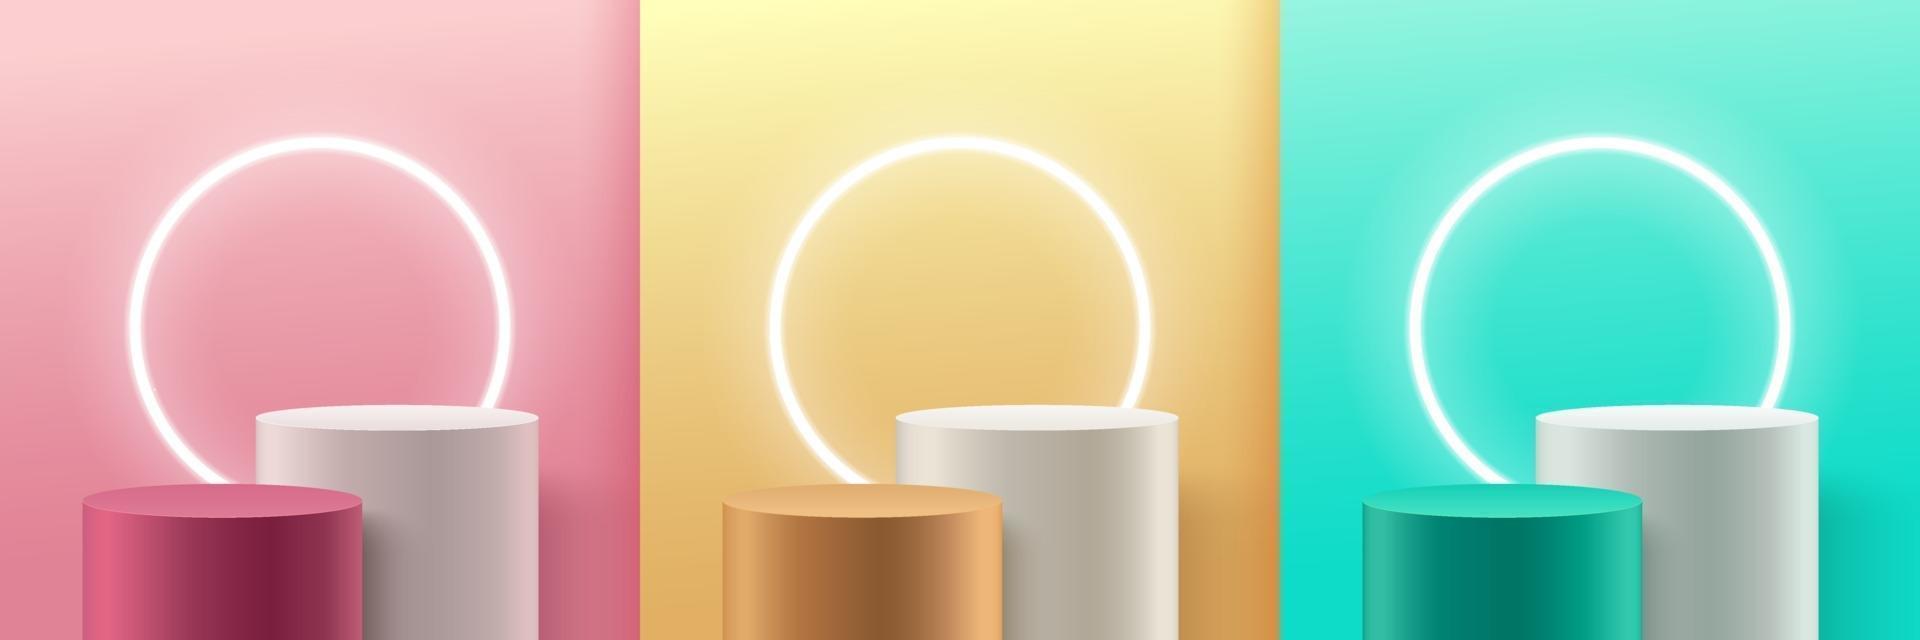 set di display rotondo astratto per prodotto sul sito Web dal design moderno. Rendering di sfondo pastello con podio e scena di muro a trama minima, rendering 3D forma geometrica bianco grigio rosa oro colore verde. vettore